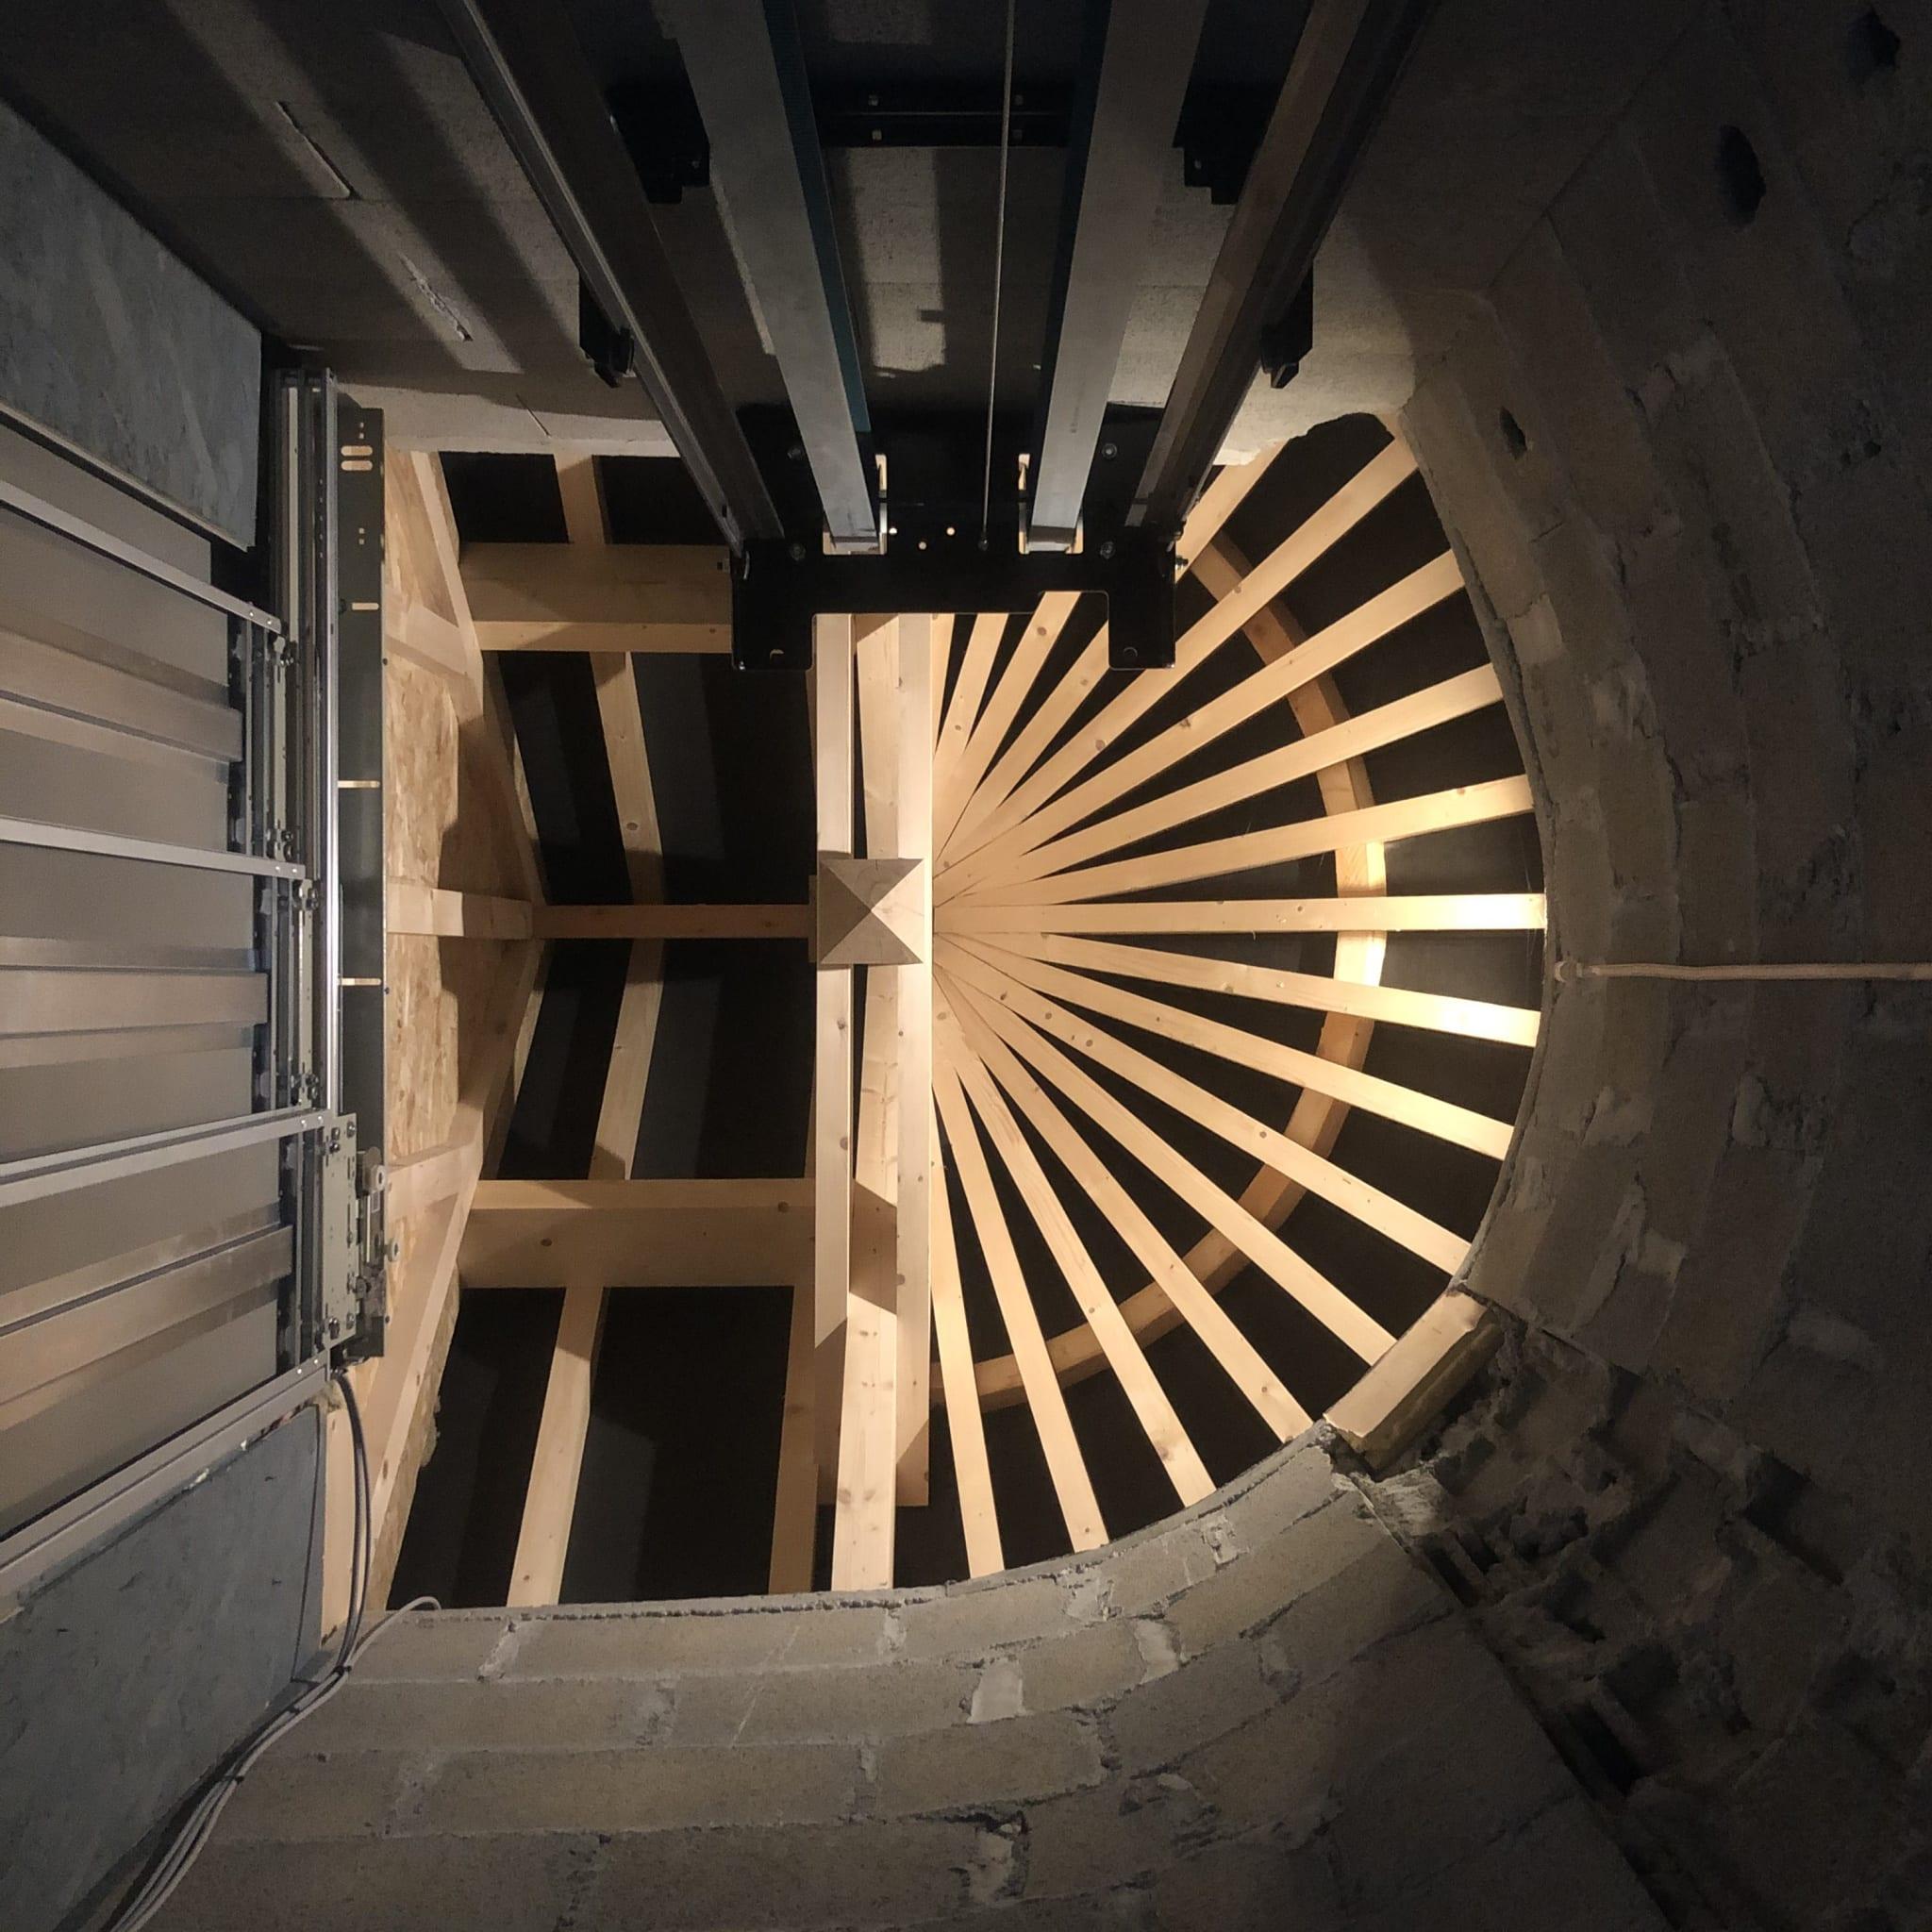 Vue du toit de la cabine de l'ascenseur